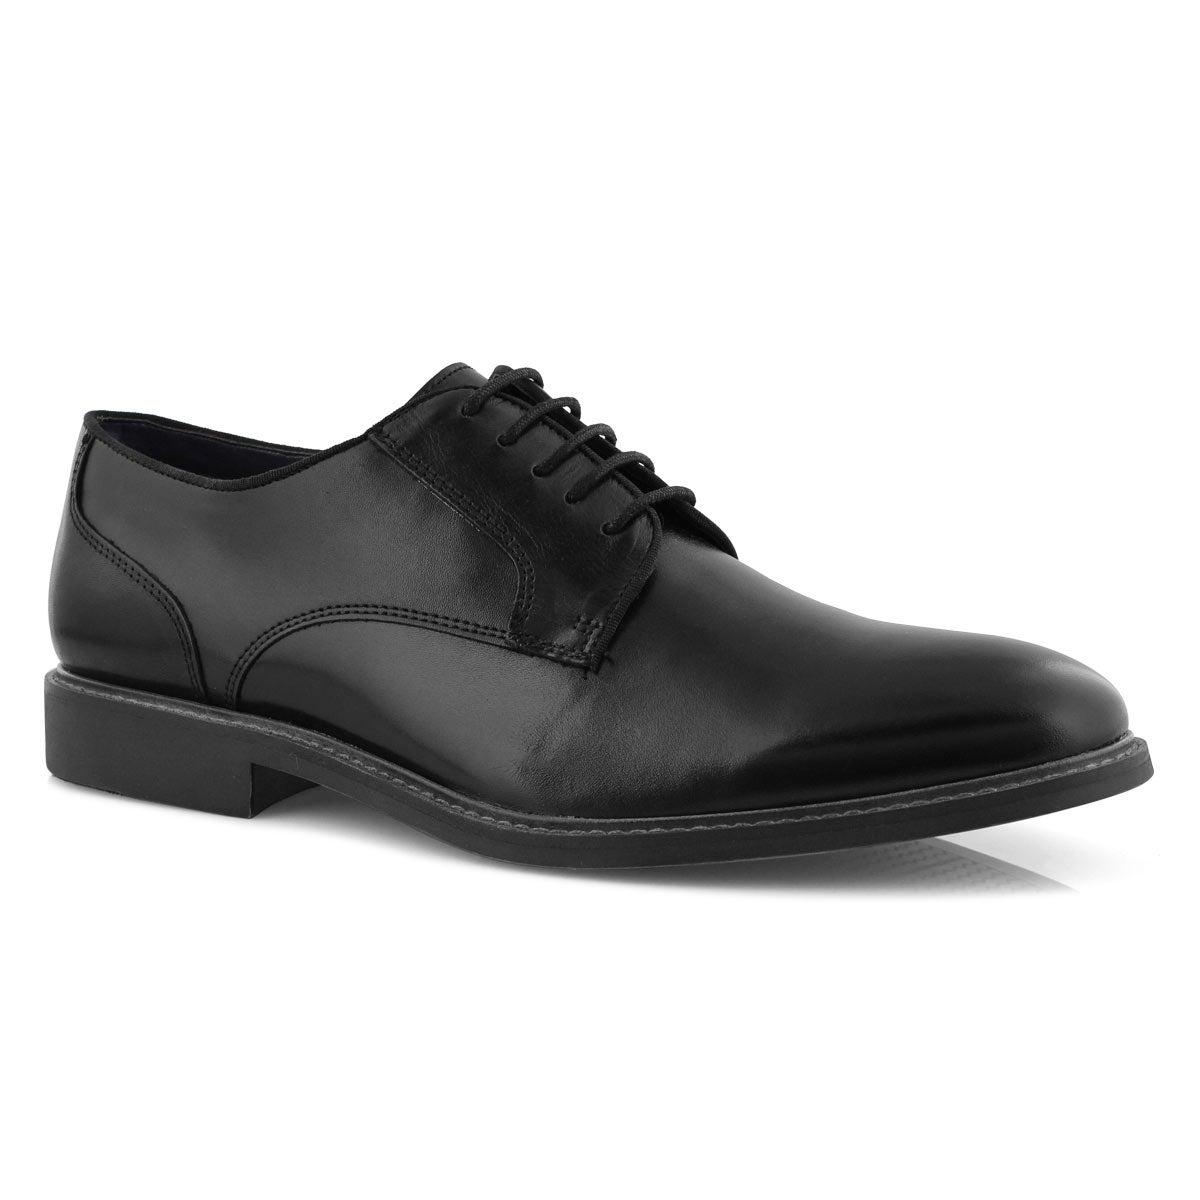 Mns Braddy black laceup dress oxford